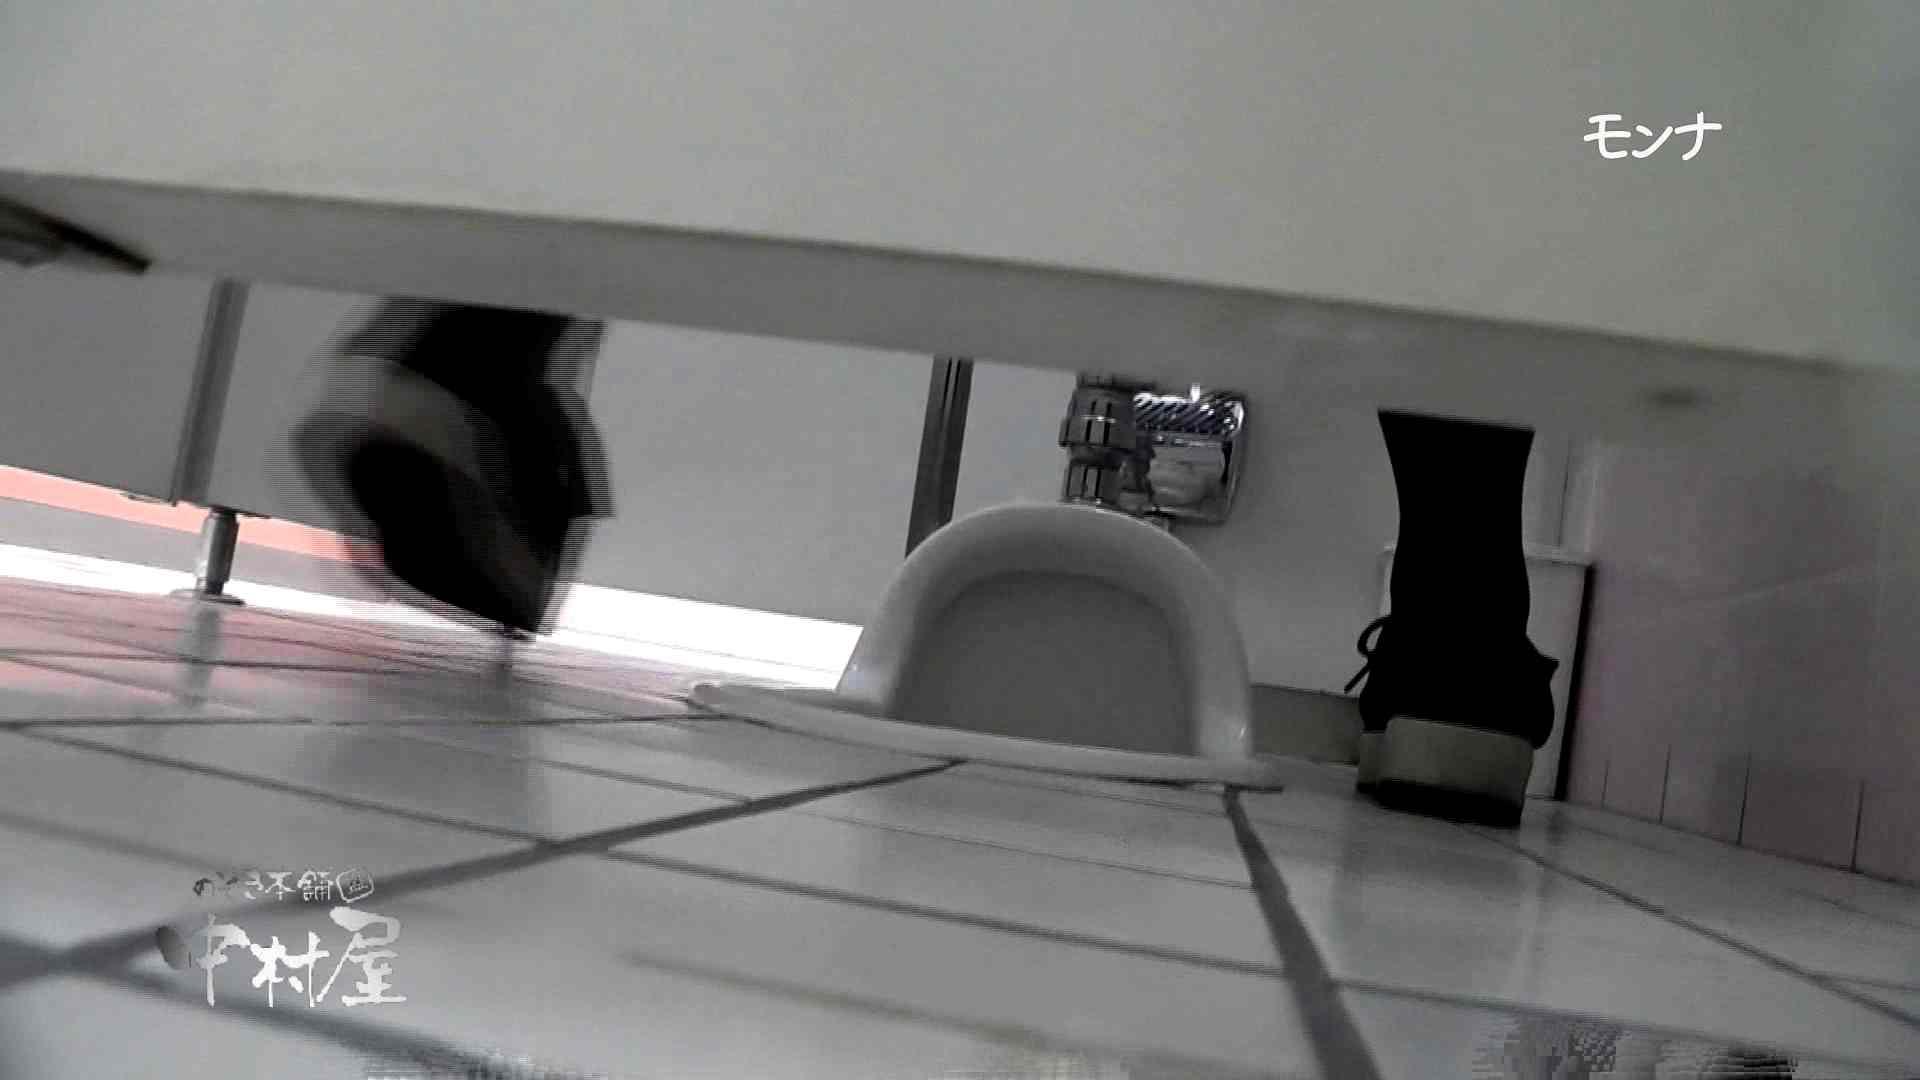 【美しい日本の未来】新学期!!下半身中心に攻めてます美女可愛い女子悪戯盗satuトイレ後編 悪戯 | 下半身  97pic 58